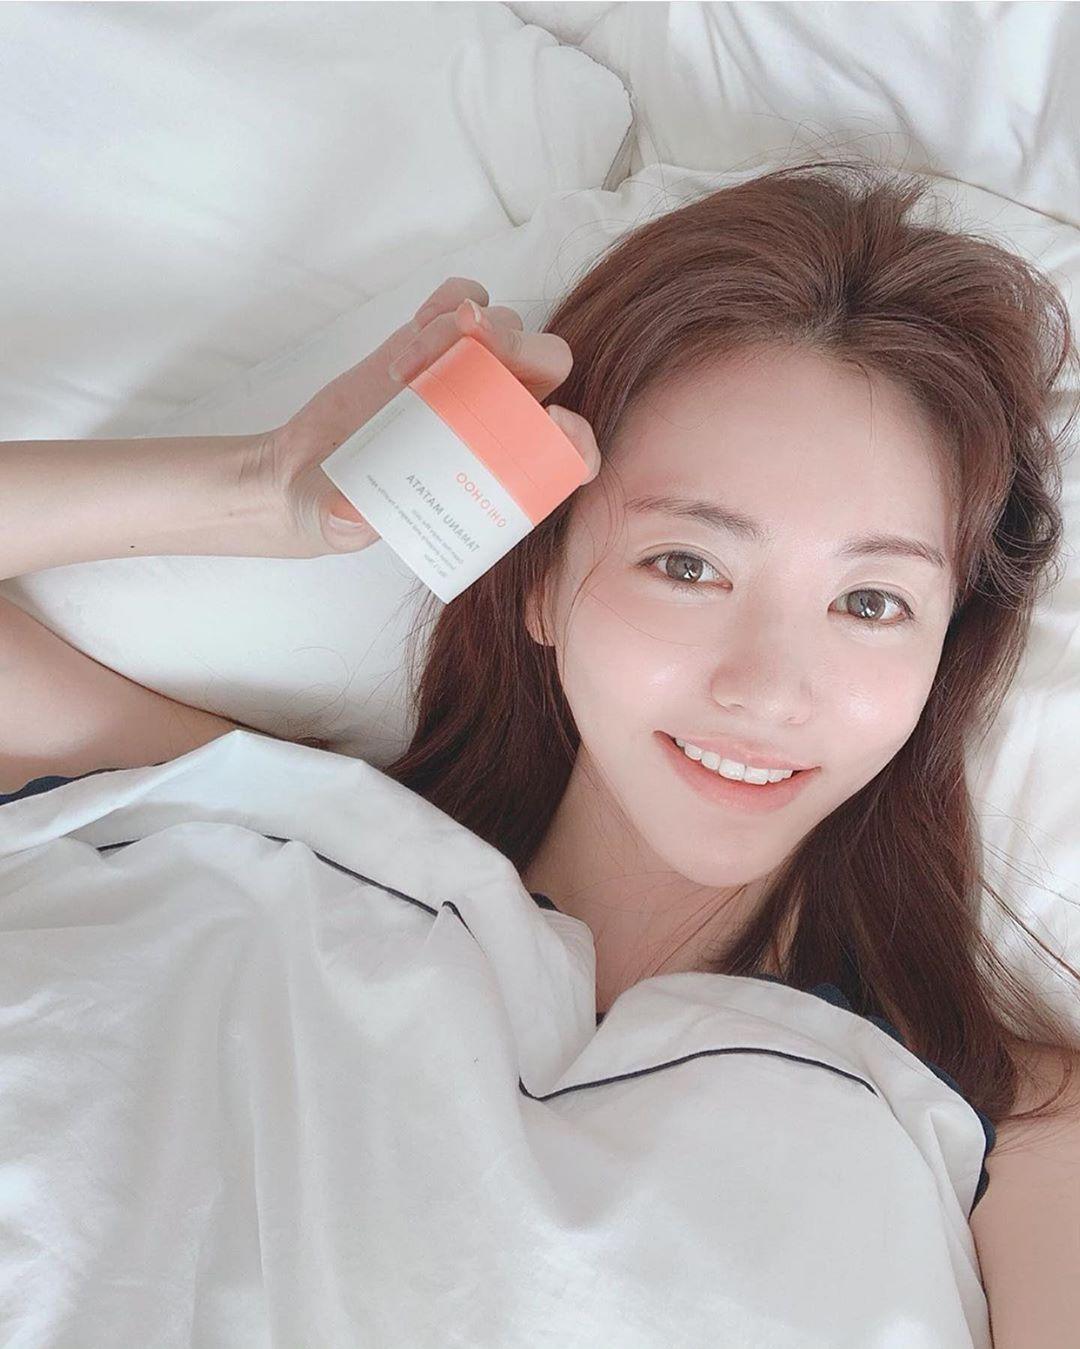 Chuyên gia lên lịch chăm sóc da cho cô dâu, quan trọng nhất là tips đắp mặt nạ và uống nước vào ngày cưới-6